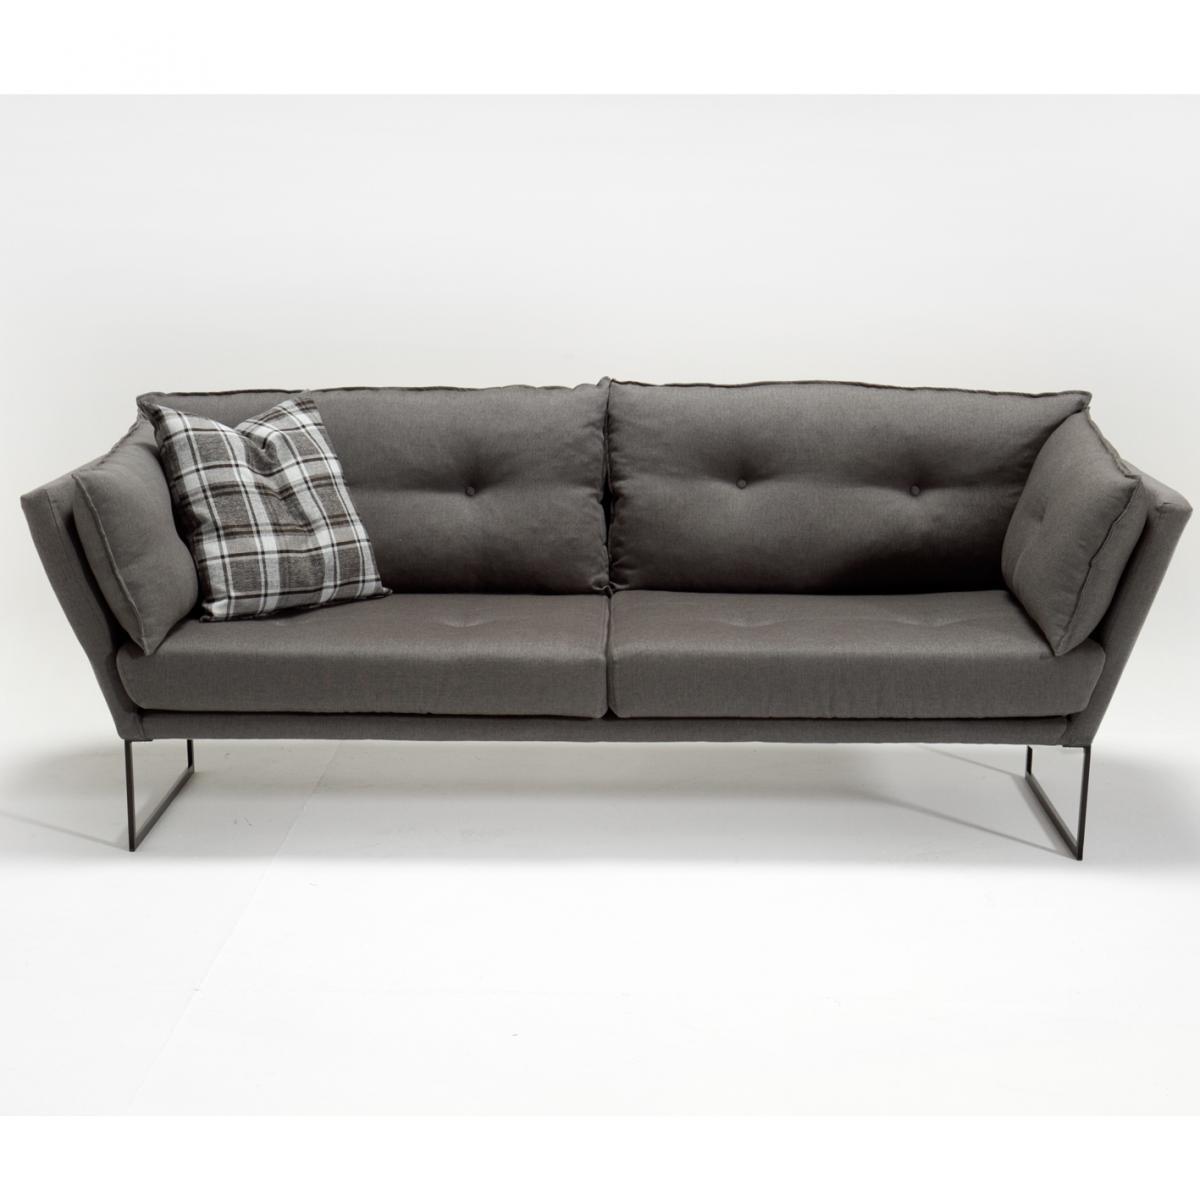 ספה תלת Relax בד אריג אפור במסדרת Evdebiz